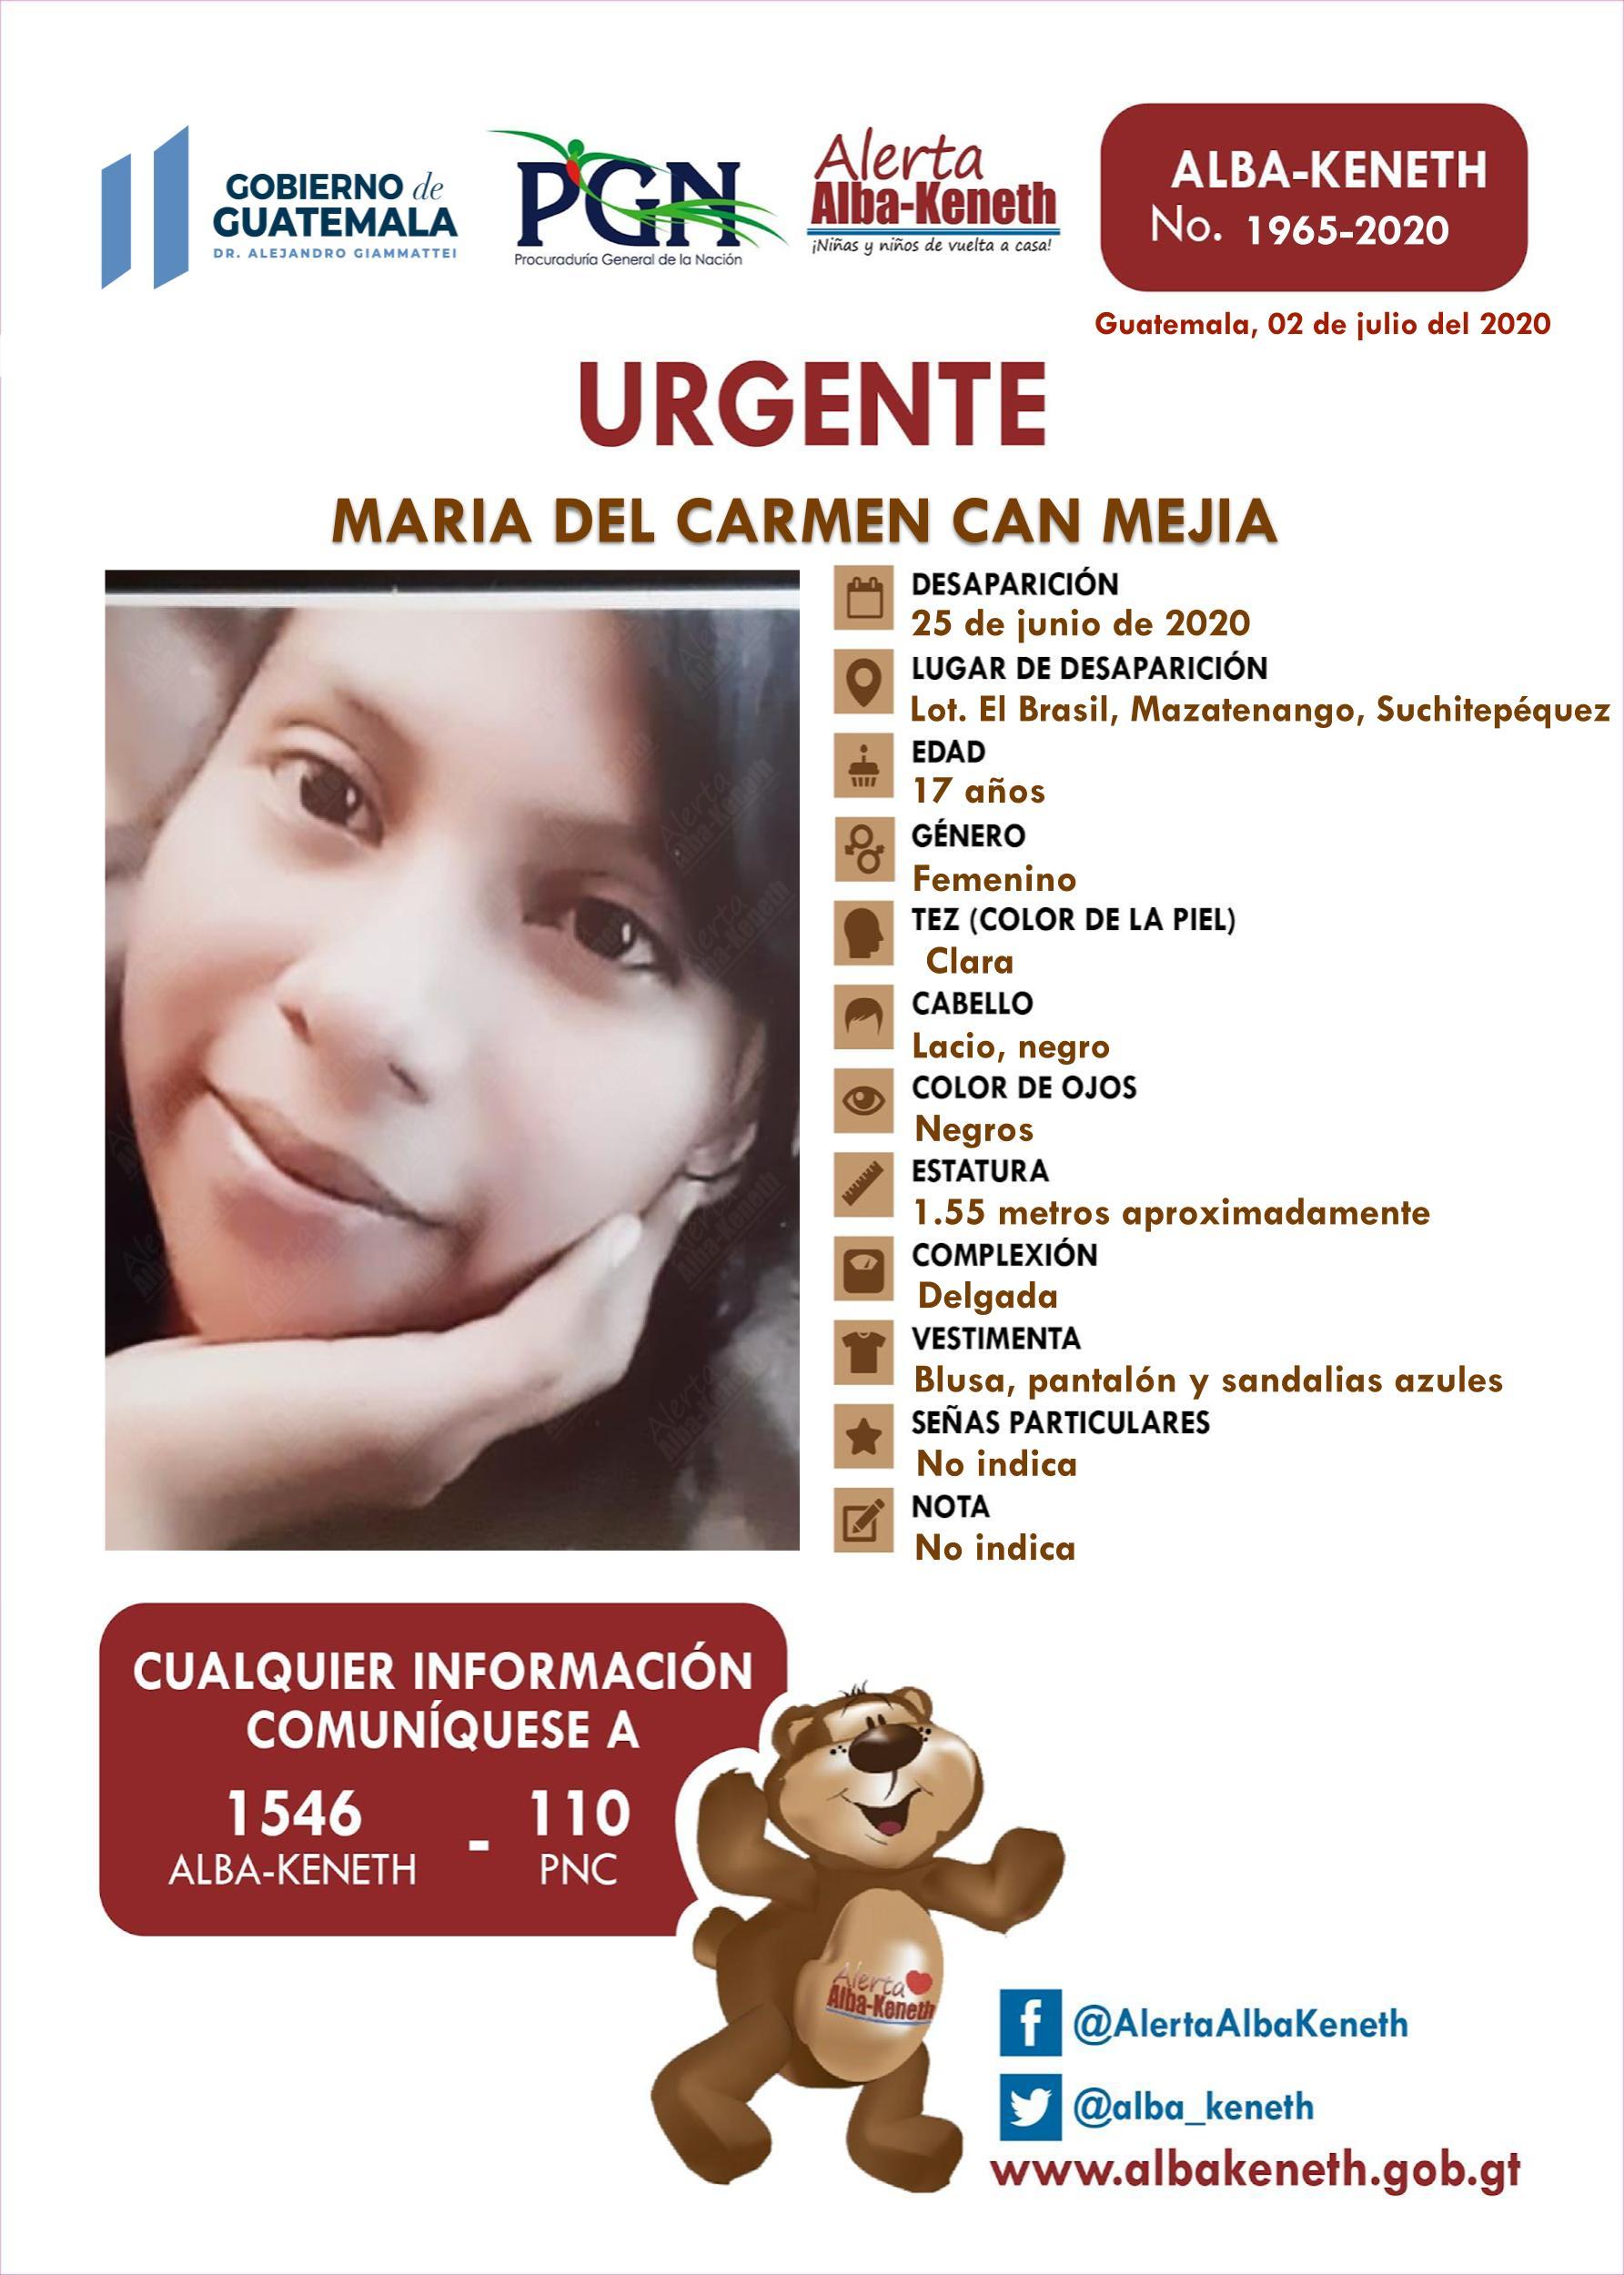 Maria del Carmen Can Mejia